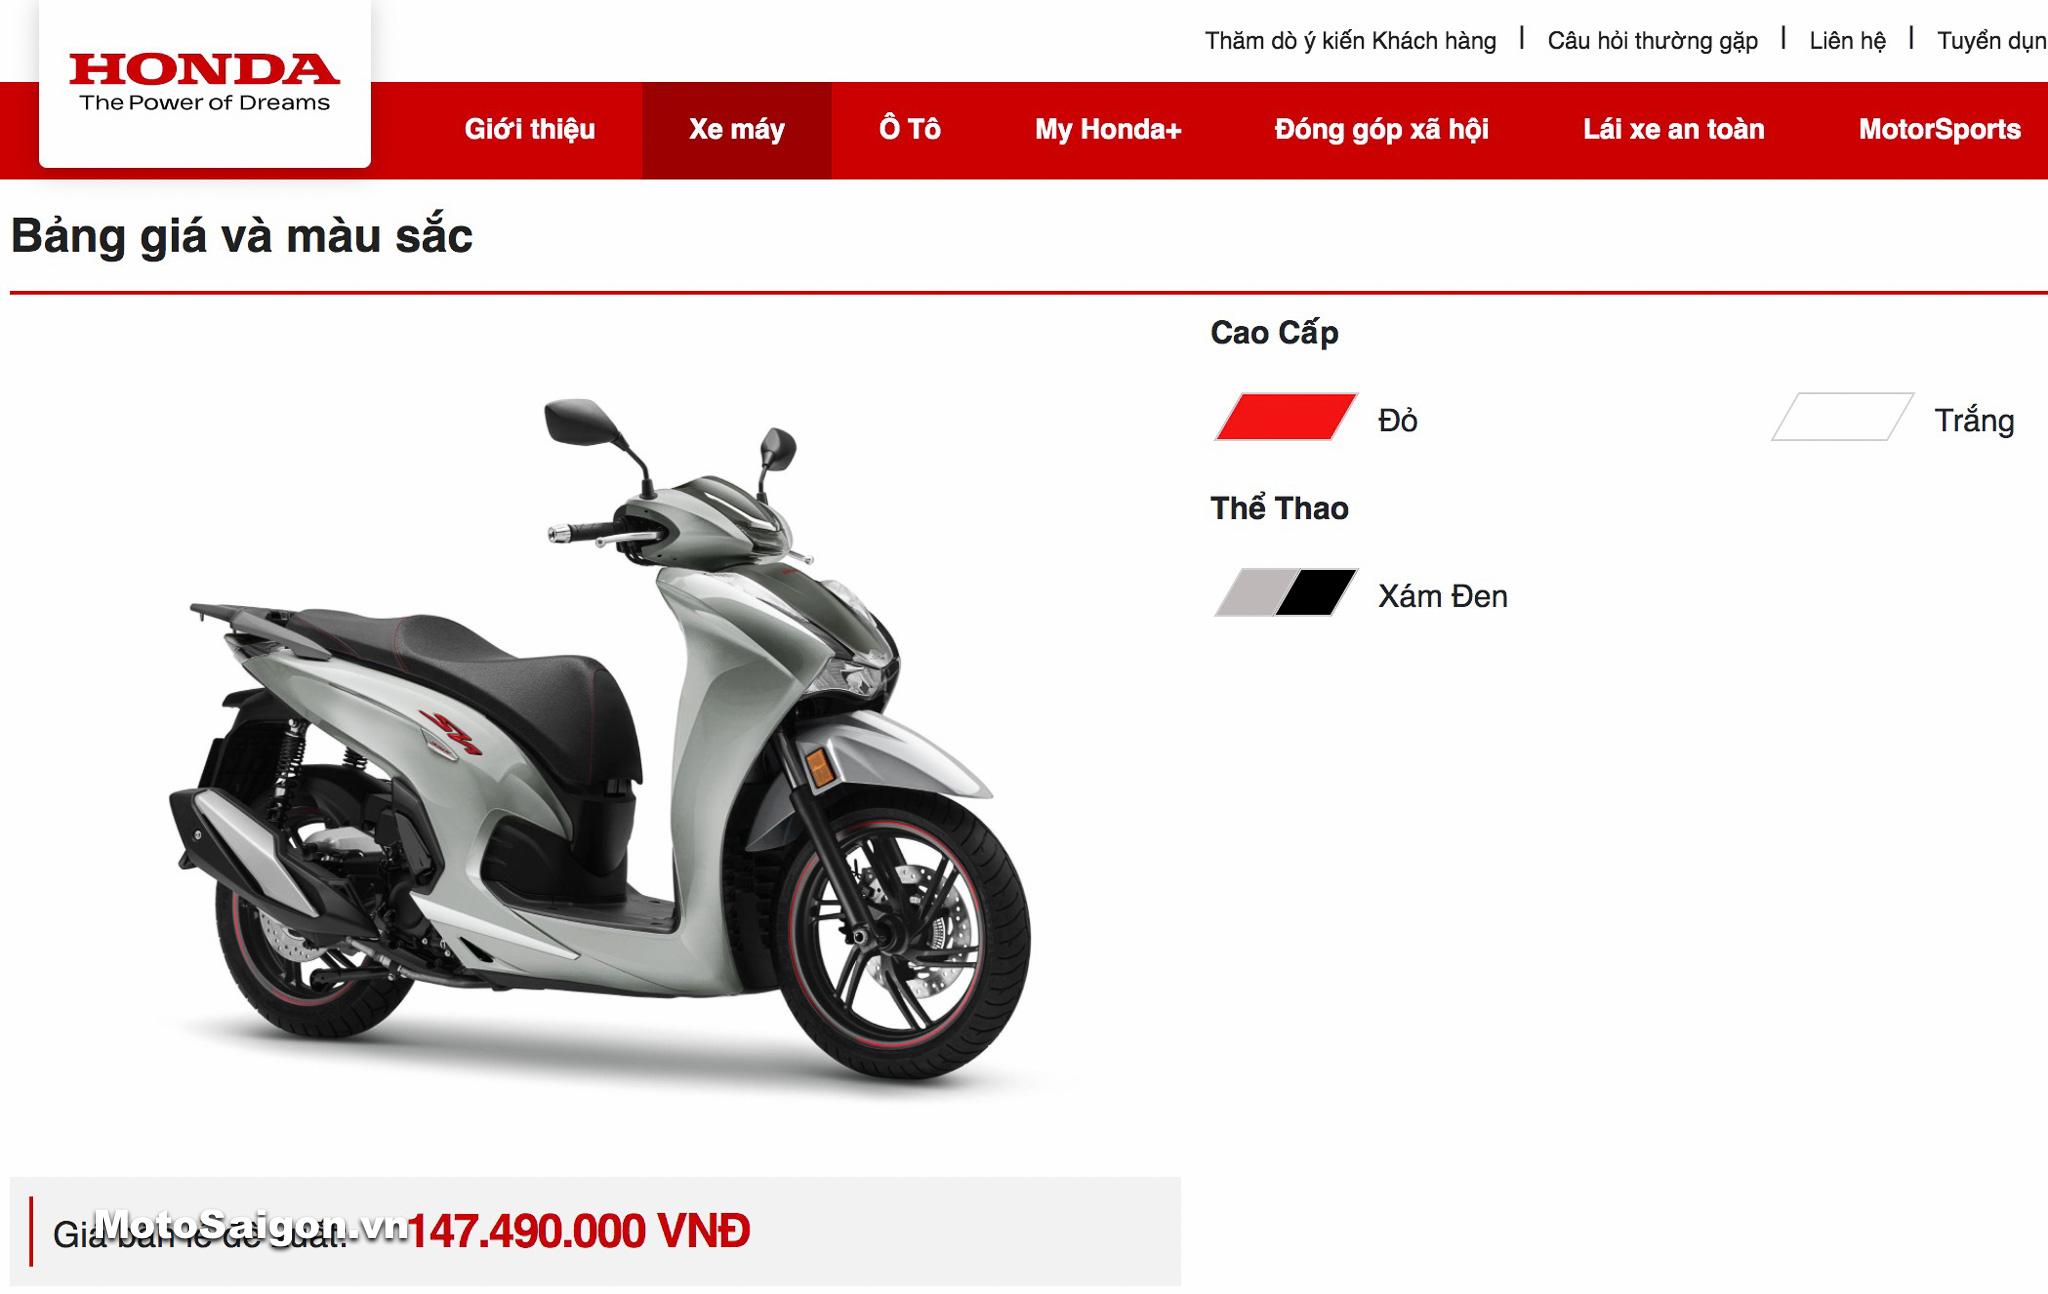 Giá xe Honda Sh350i 2021 chính hãng